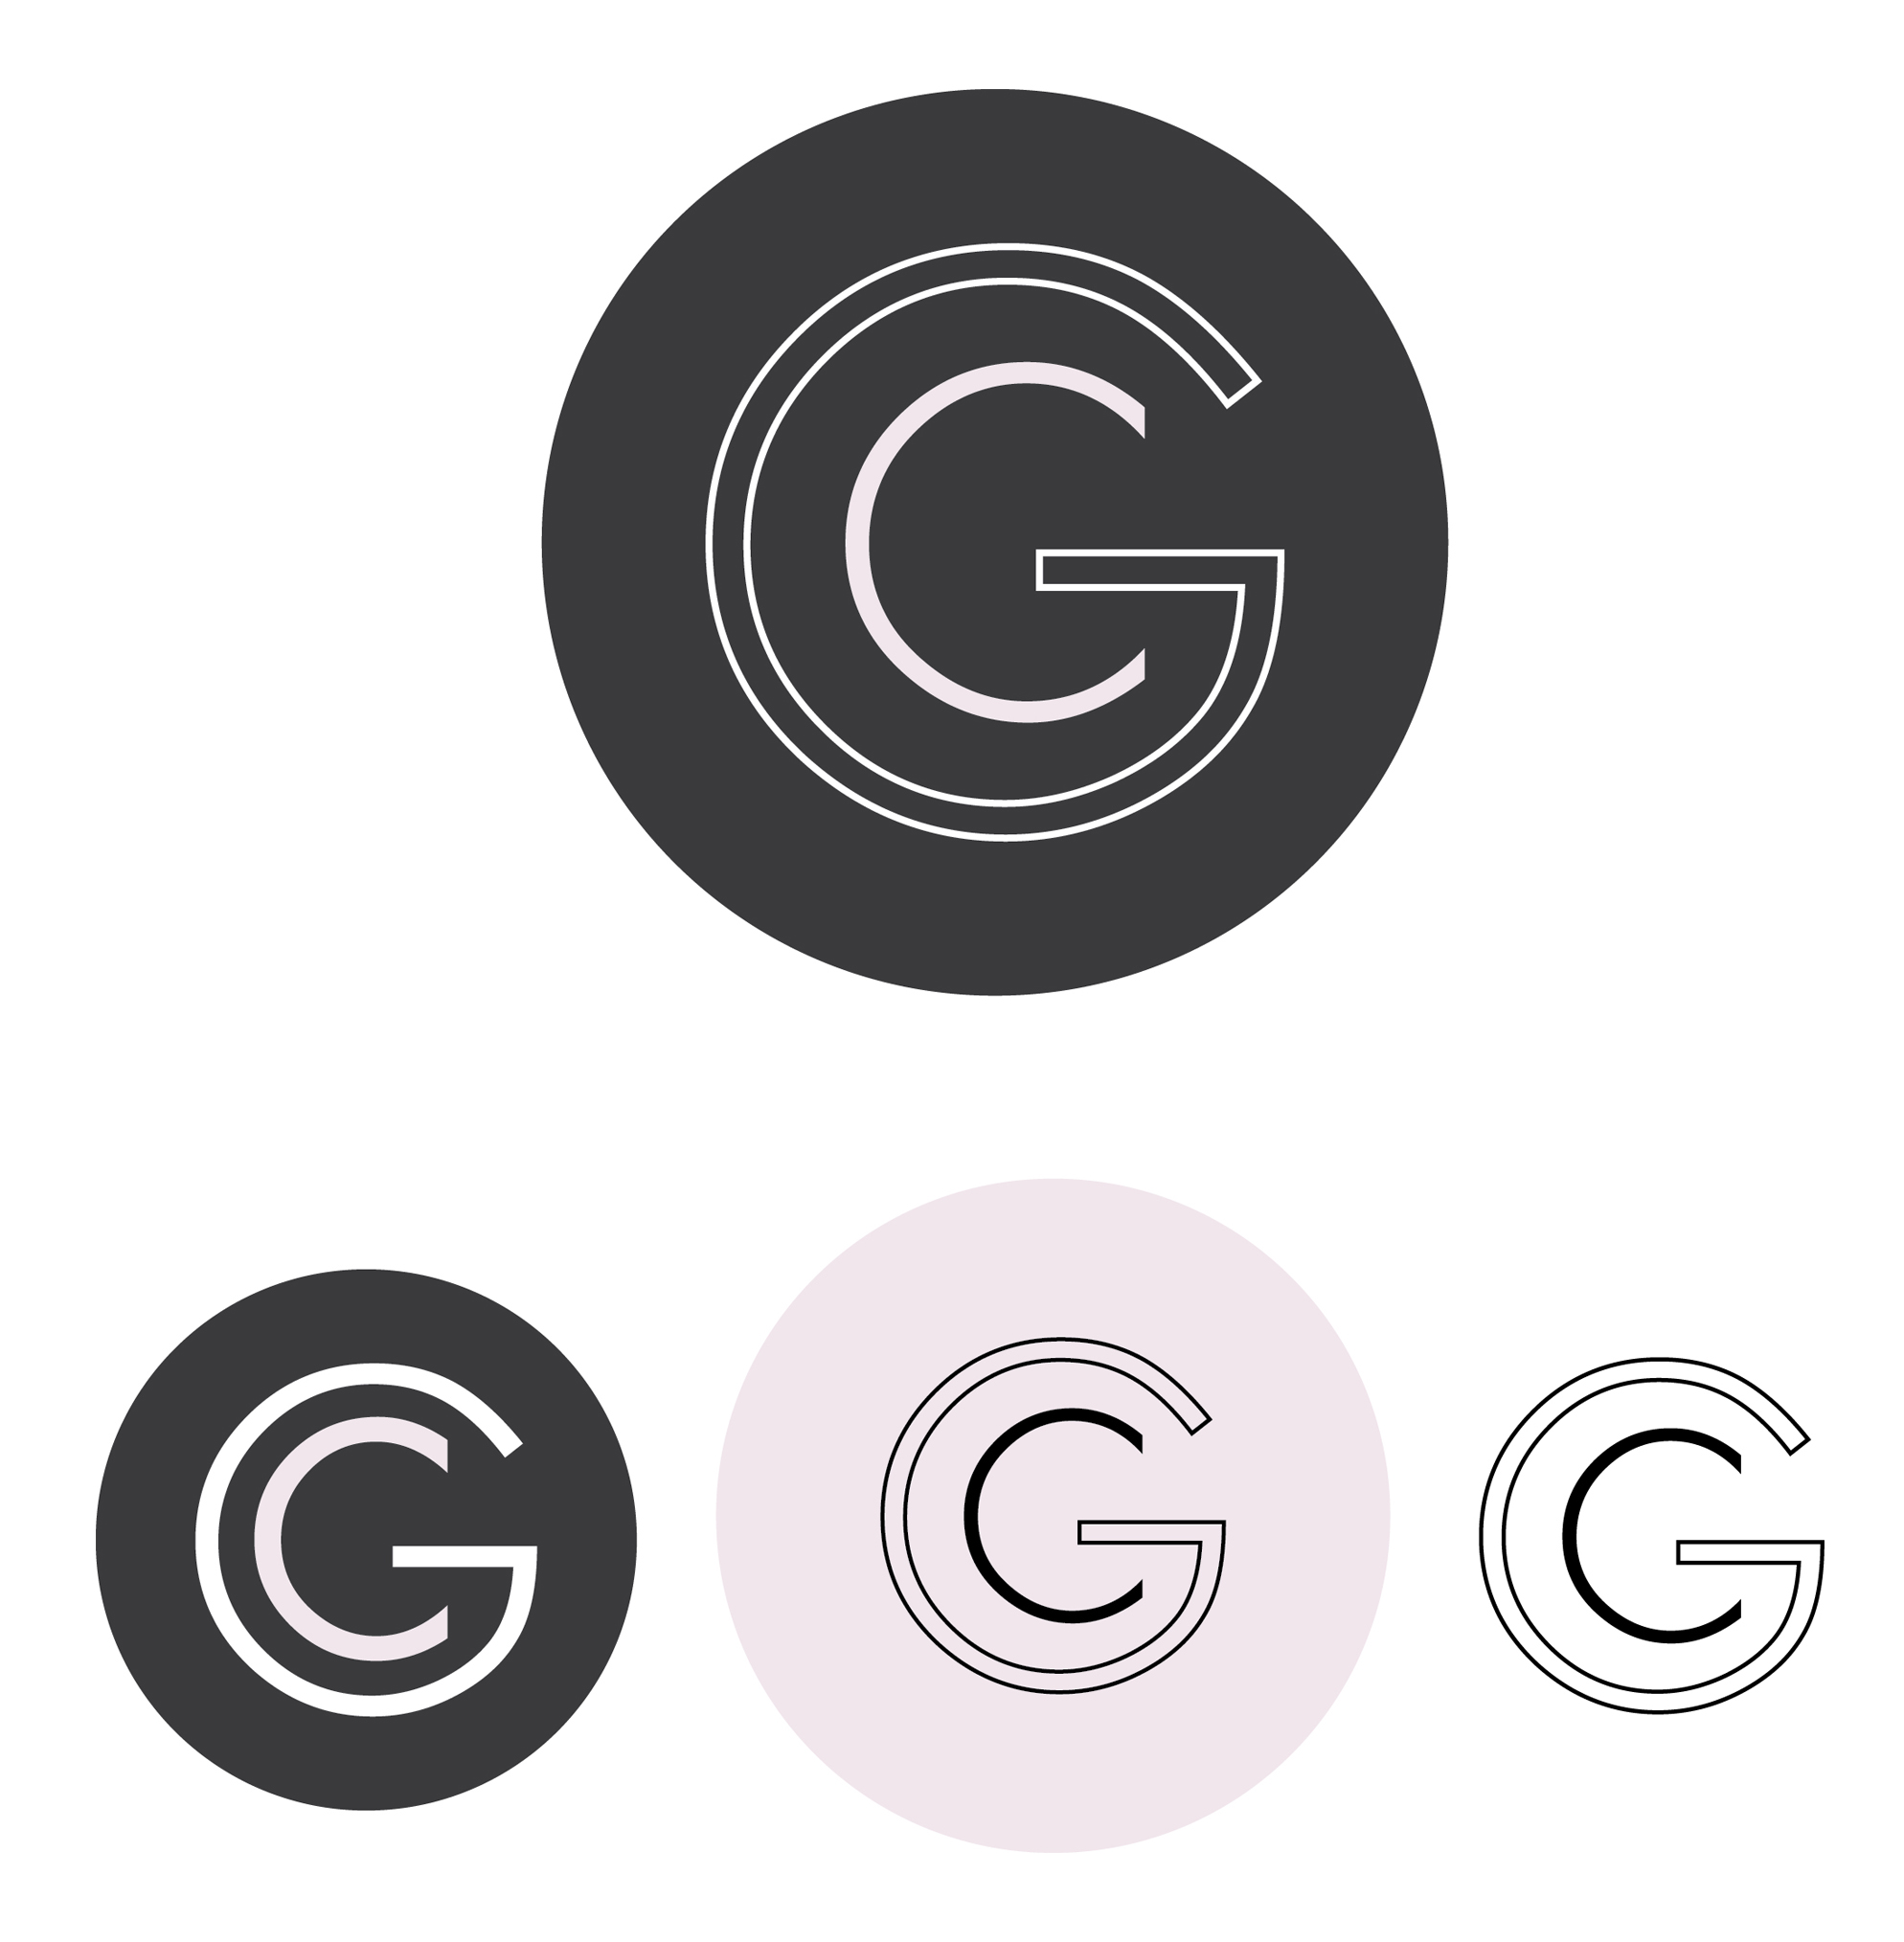 CG-icon.jpg